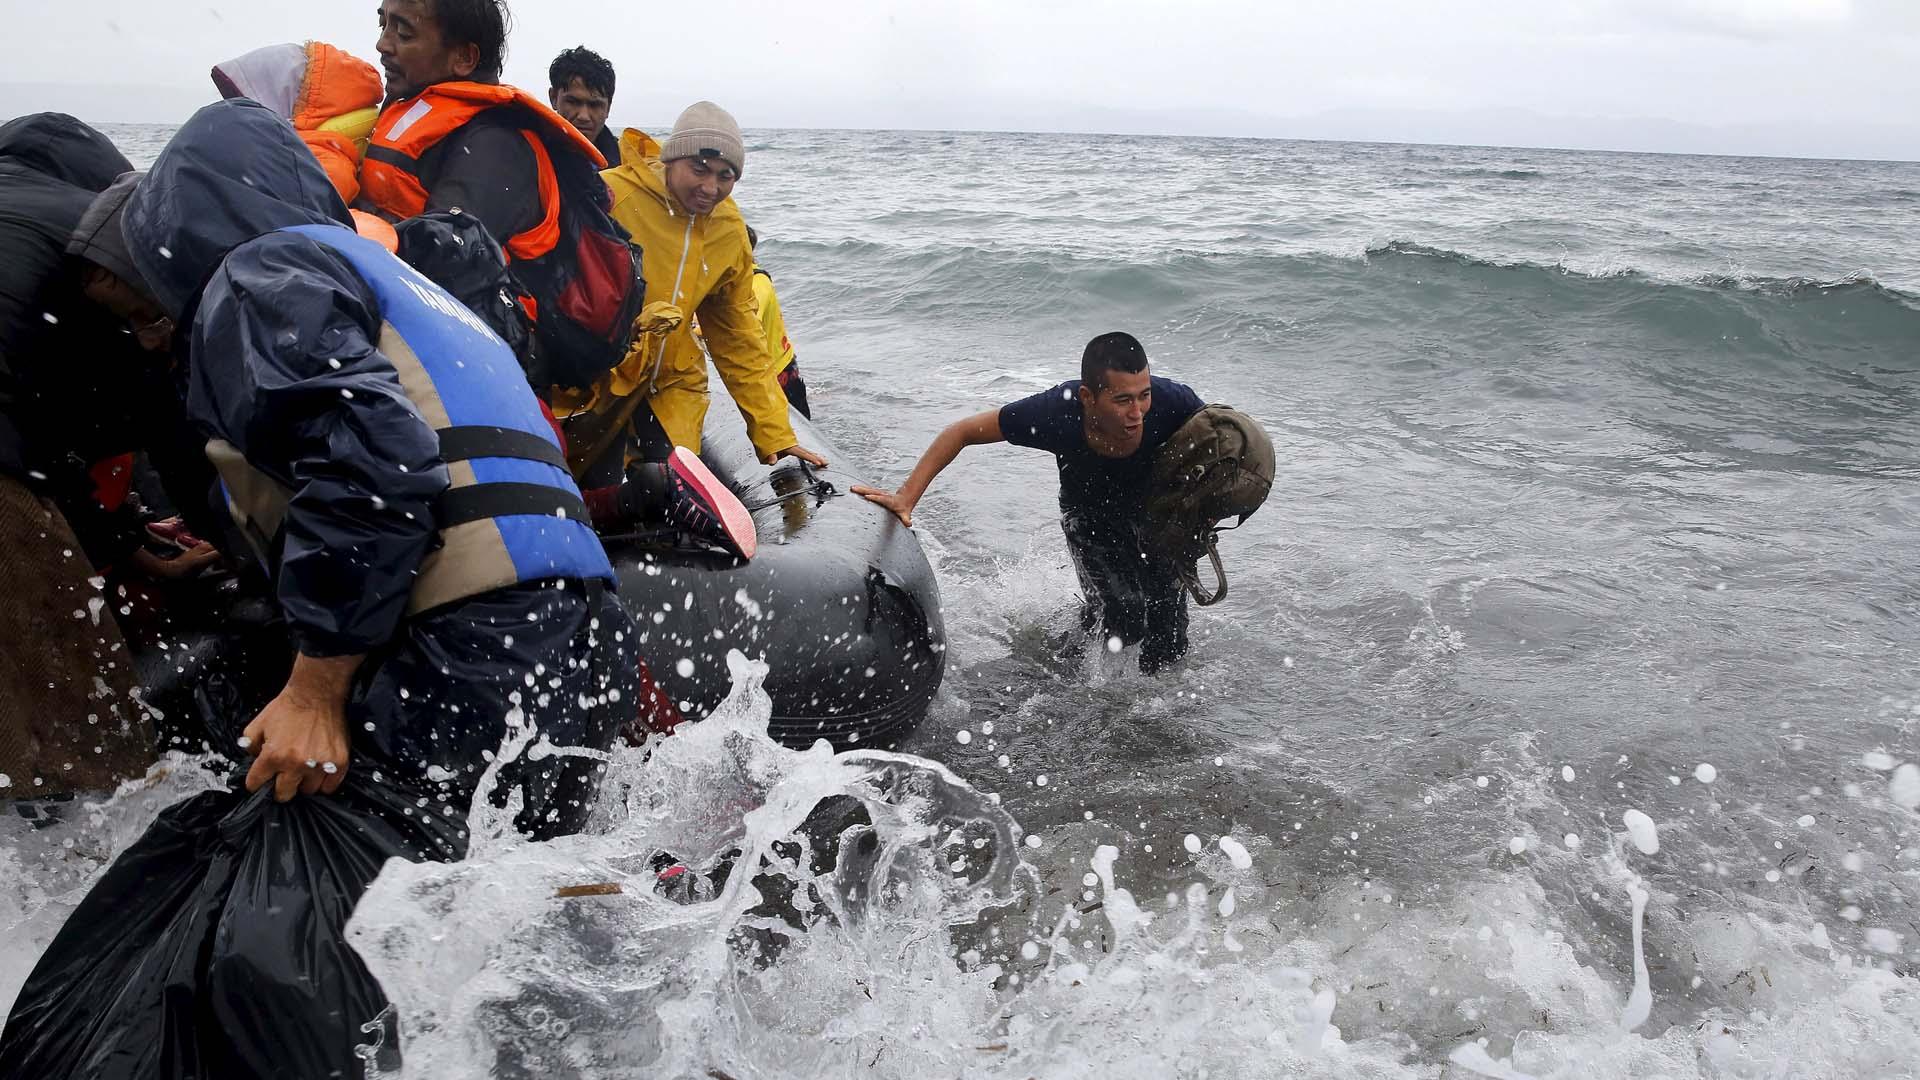 50 personas cayeron al agua, entre ellos un pequeño niño que continua desaparecido